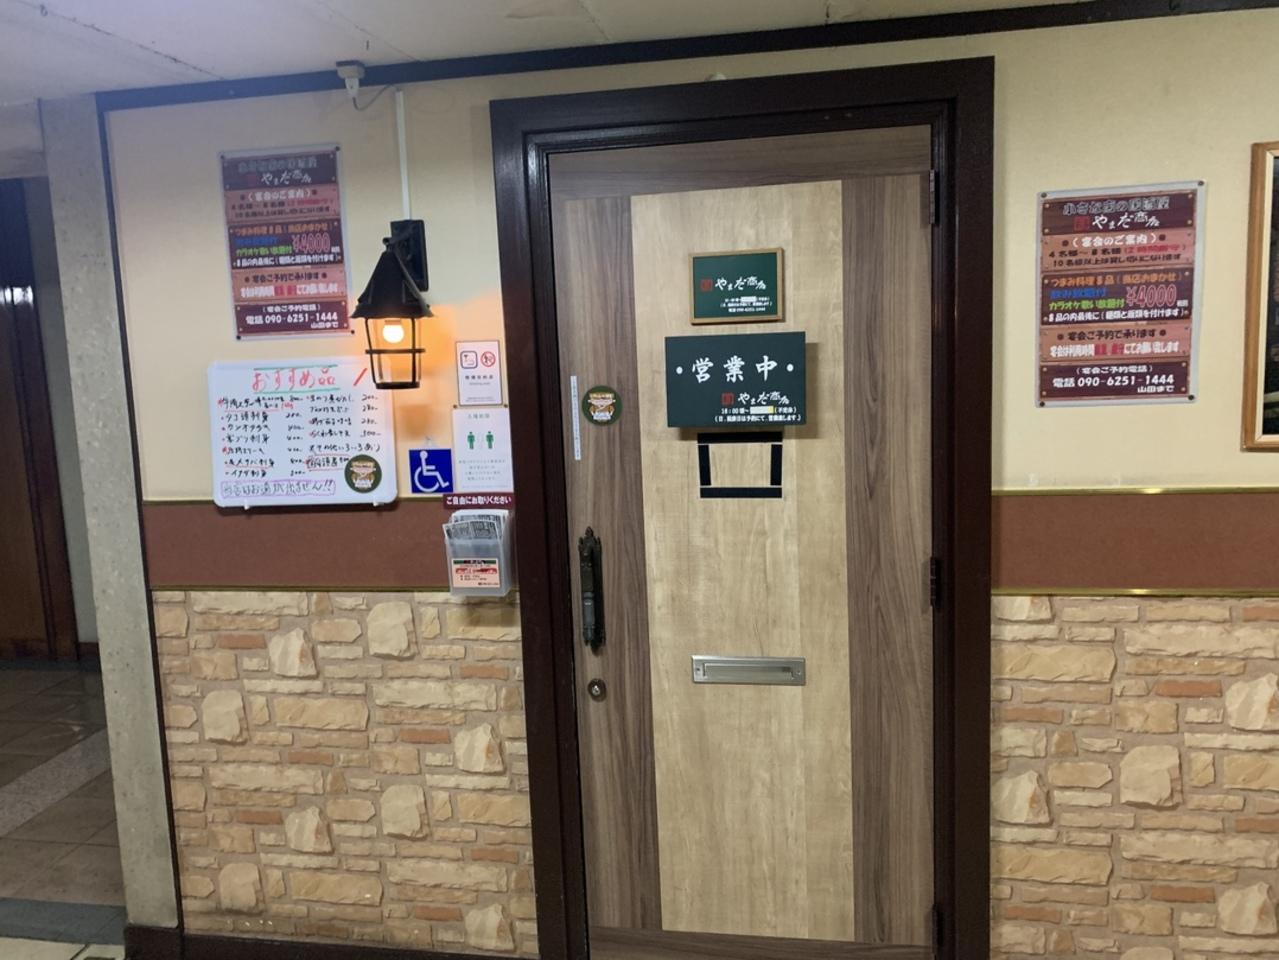 【八戸市六日町】小さな店の居酒屋 「やまだ商店」が20.12.25にオープンしました!